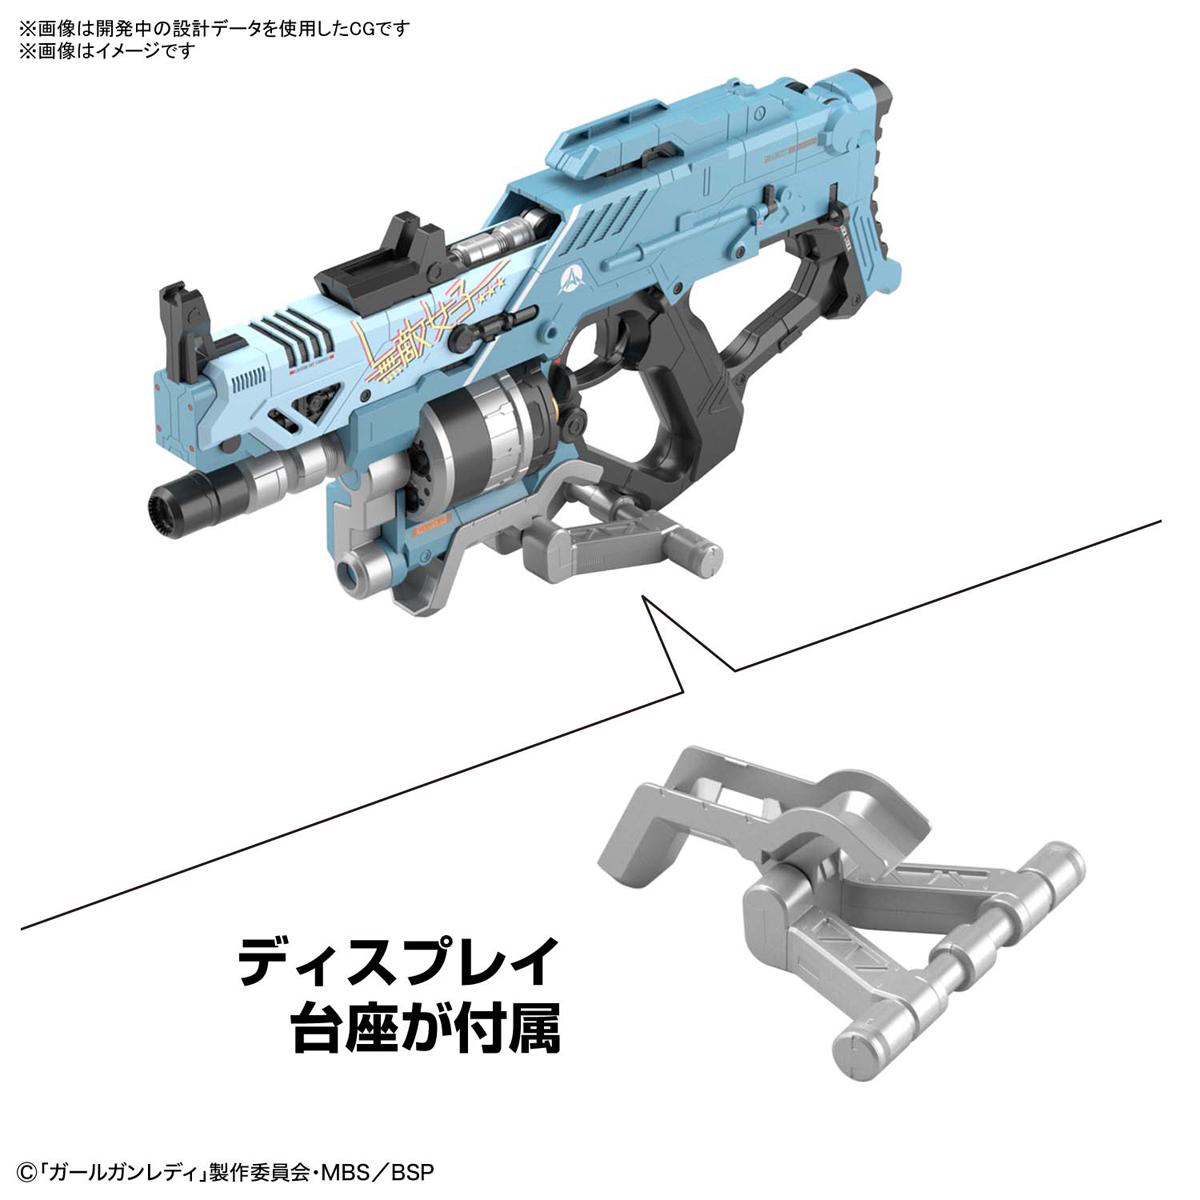 ガールガンレディ『ブラストガールガン Ver.アルファタンゴ』GGL 1/1 プラモデル-004